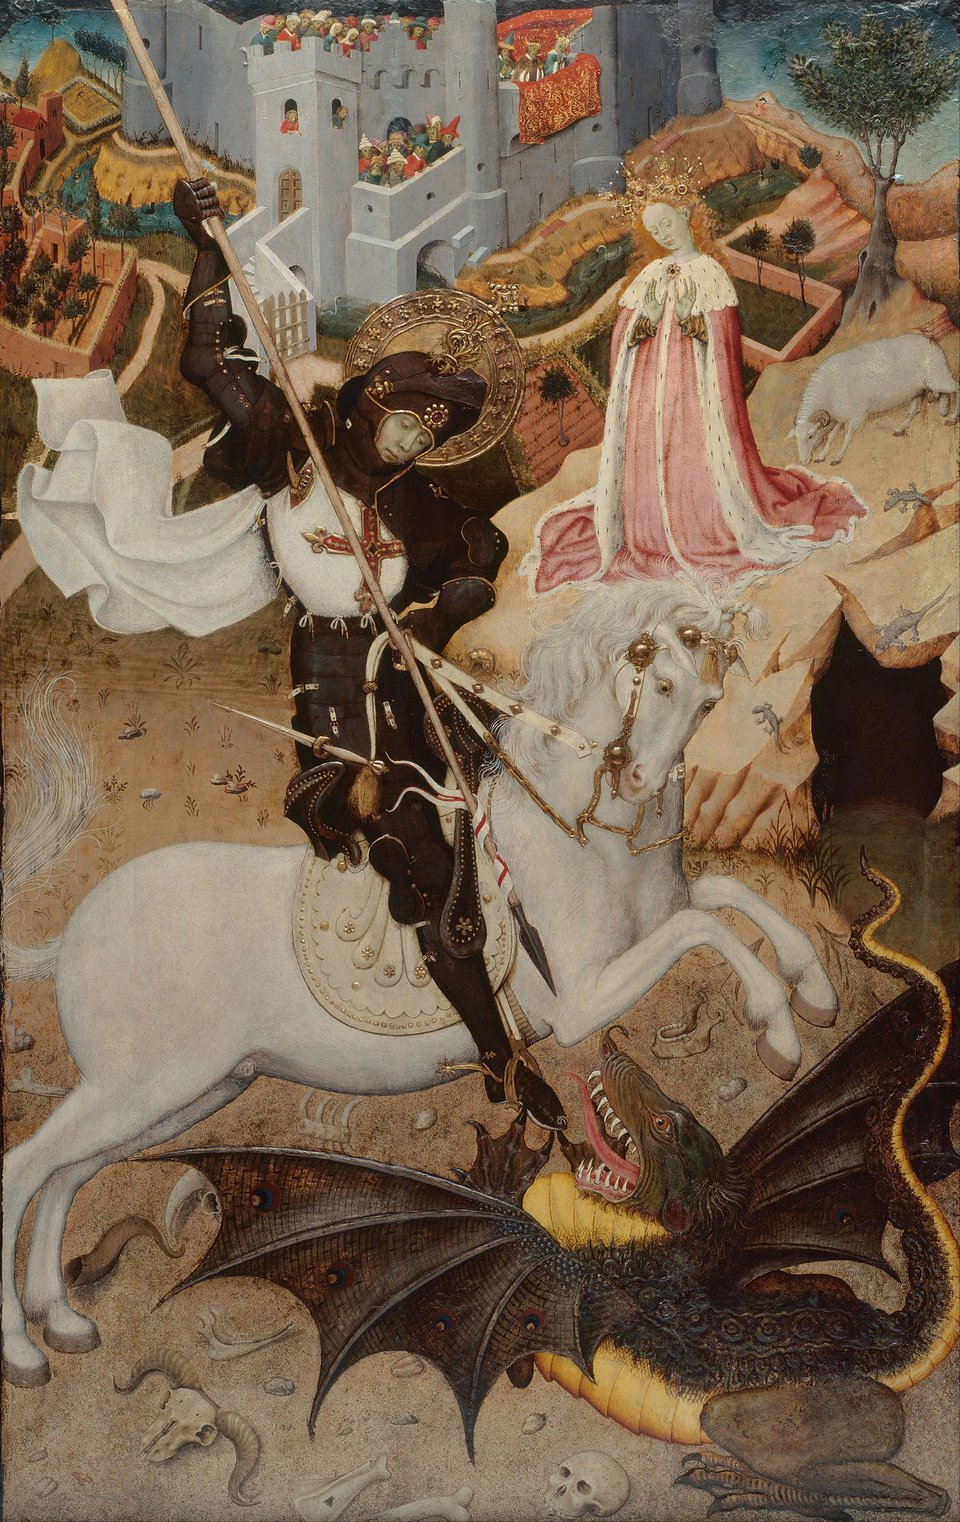 Święty Jerzy zabijający smoka Źródło: Bernat Martorell, Święty Jerzy zabijający smoka, 1434–1435, tempera na desce (malarstwo tablicowe), domena publiczna.